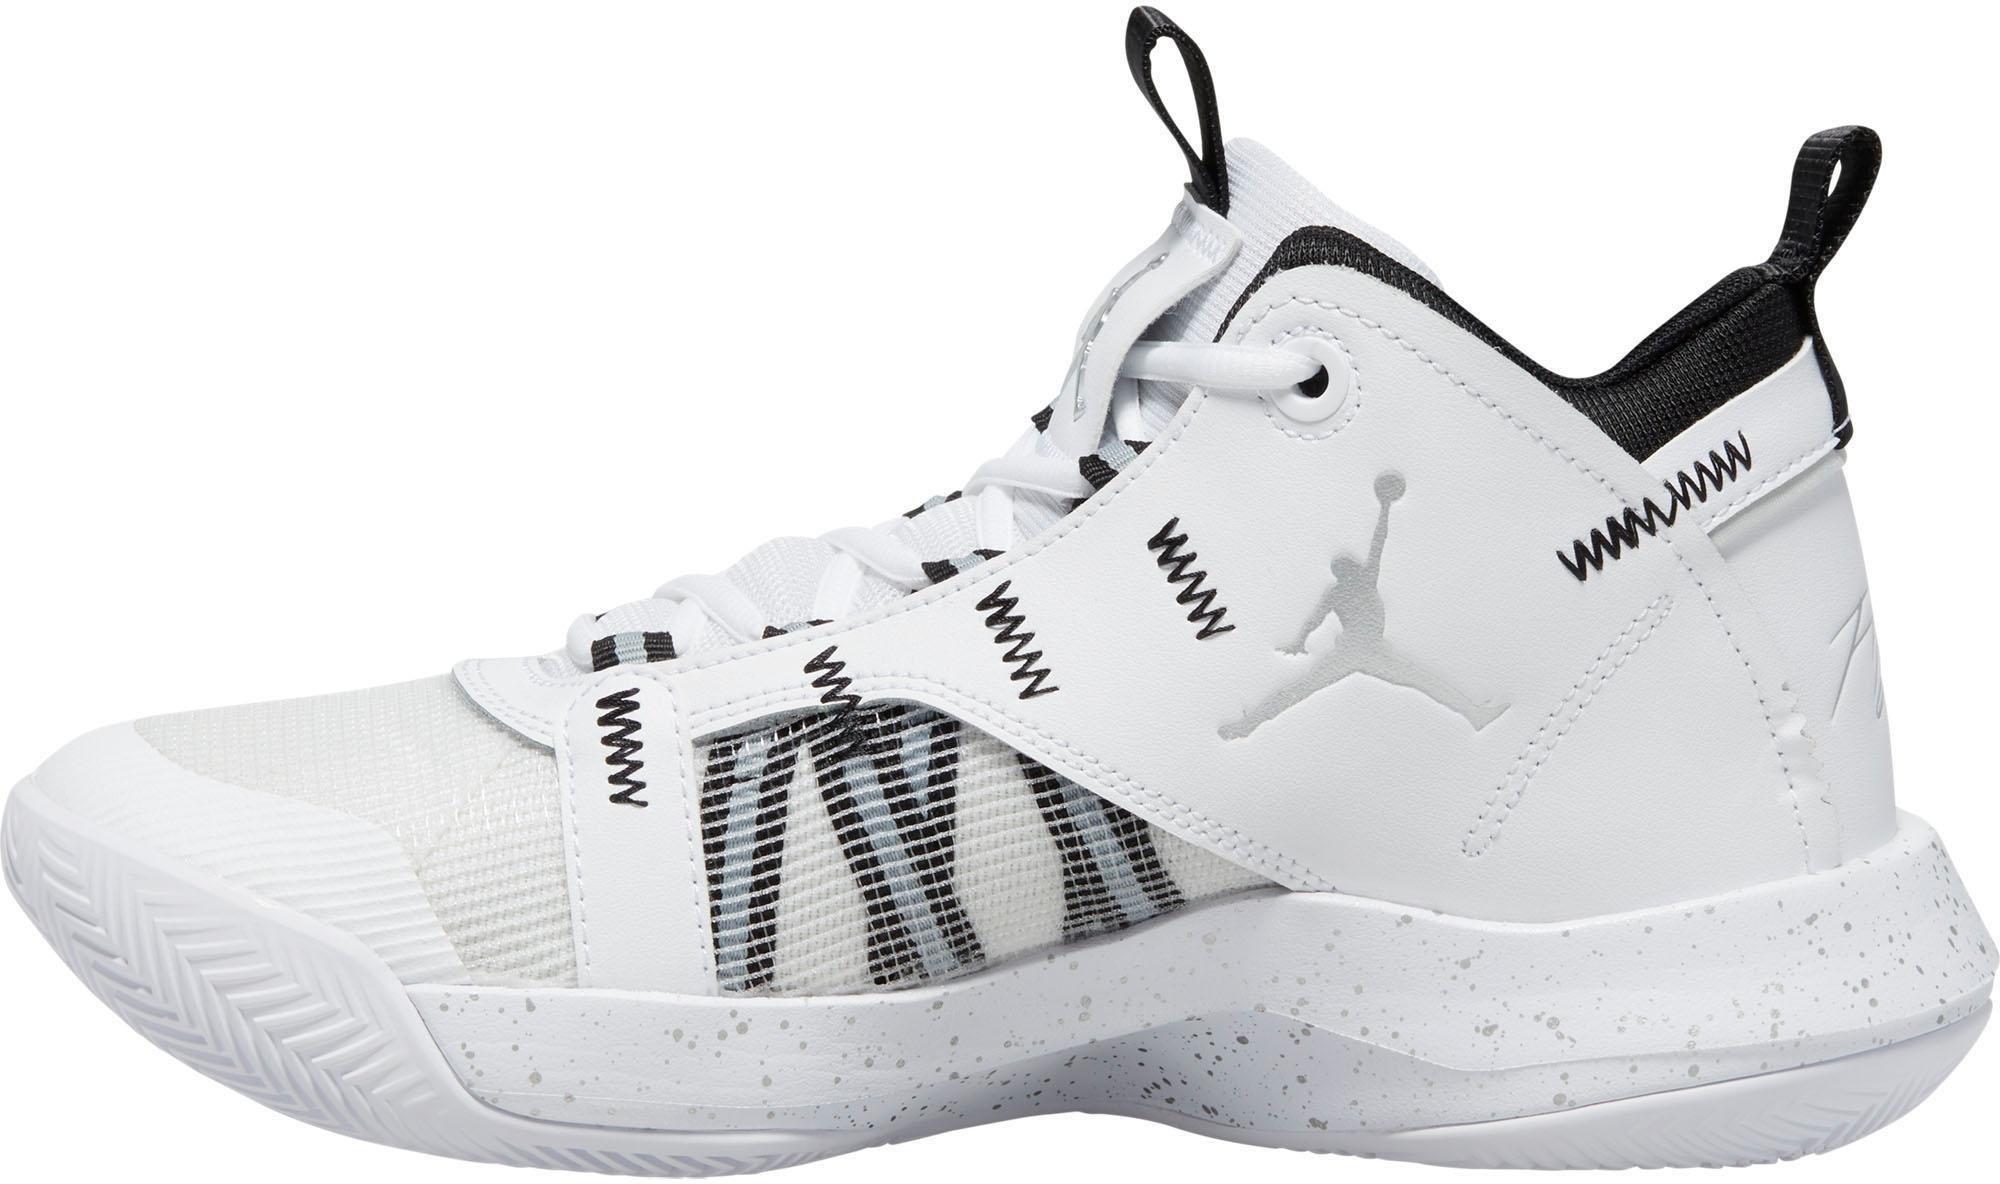 Jordan basketbalschoenen »Jumpman 2020« nu online kopen bij OTTO